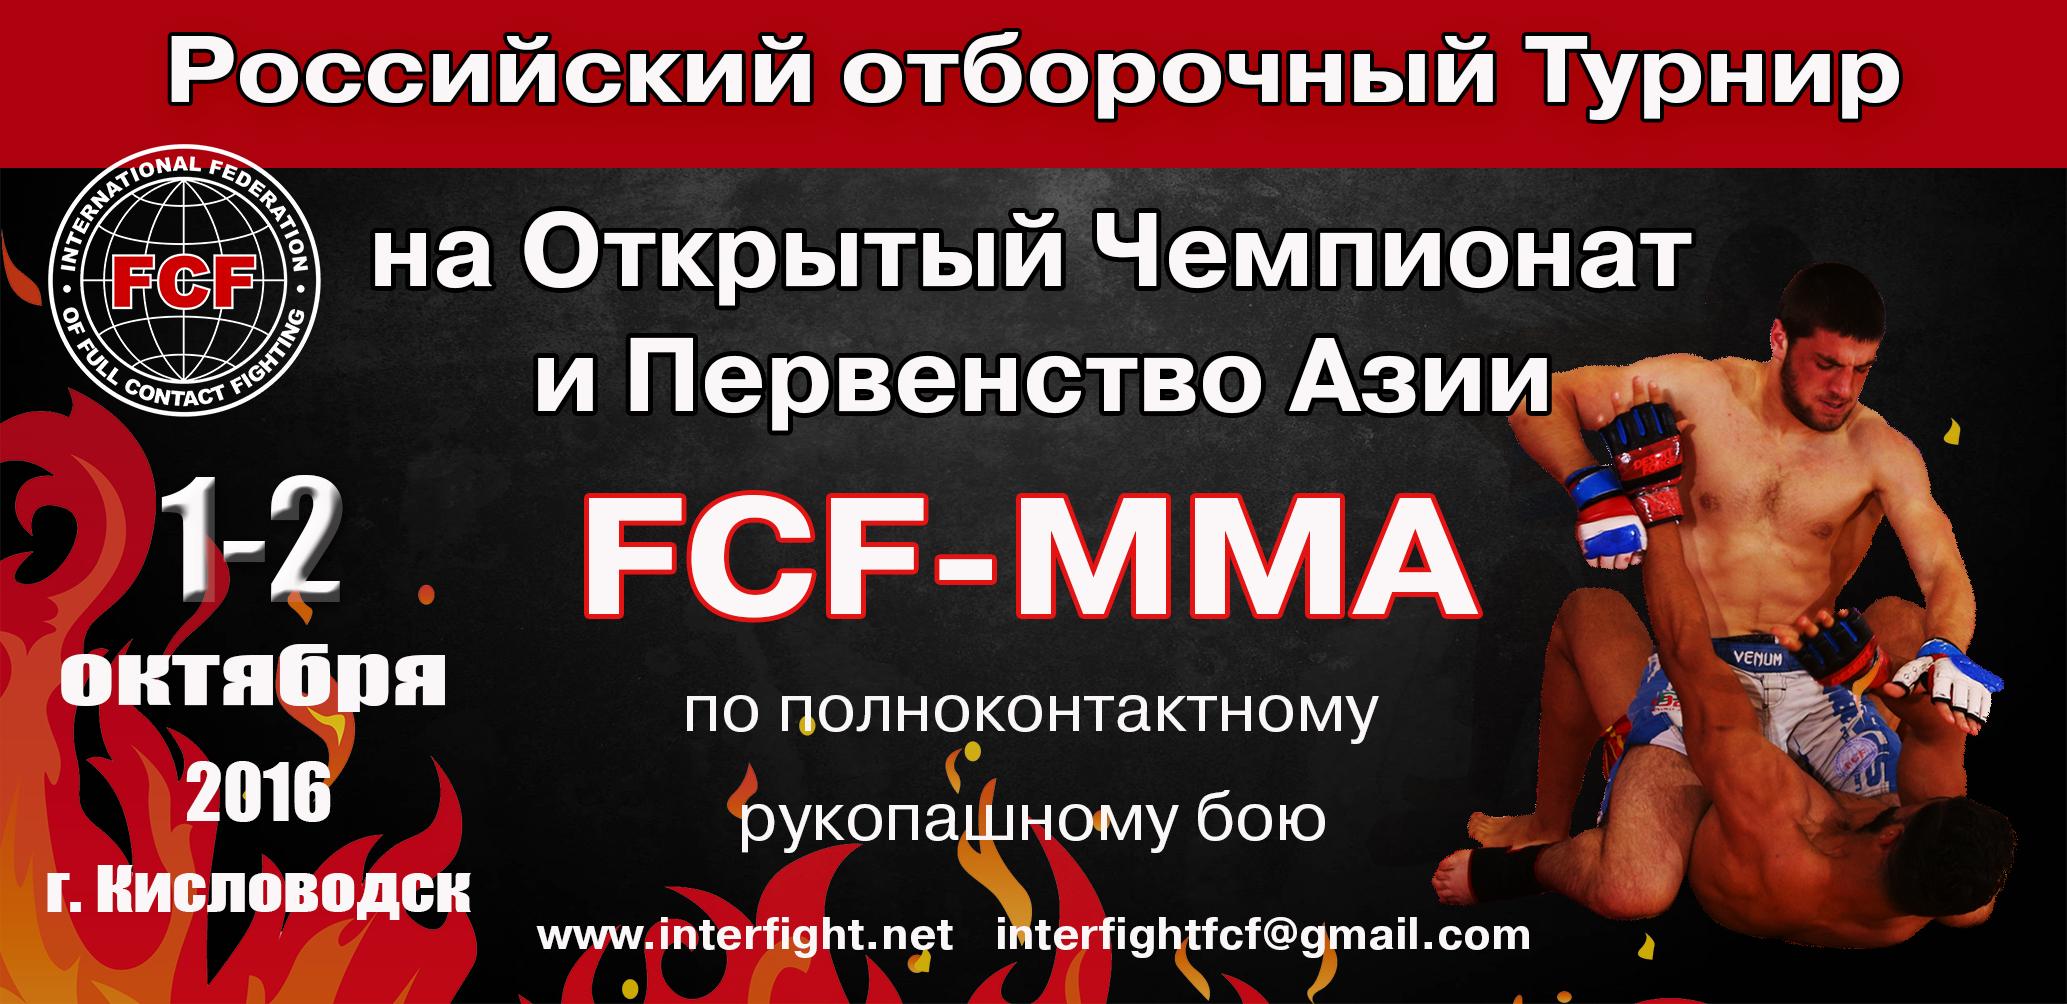 Российский отборочный Турнир на Открытый Чемпионат и Первенство Азии по ПРБ FCF-MMA